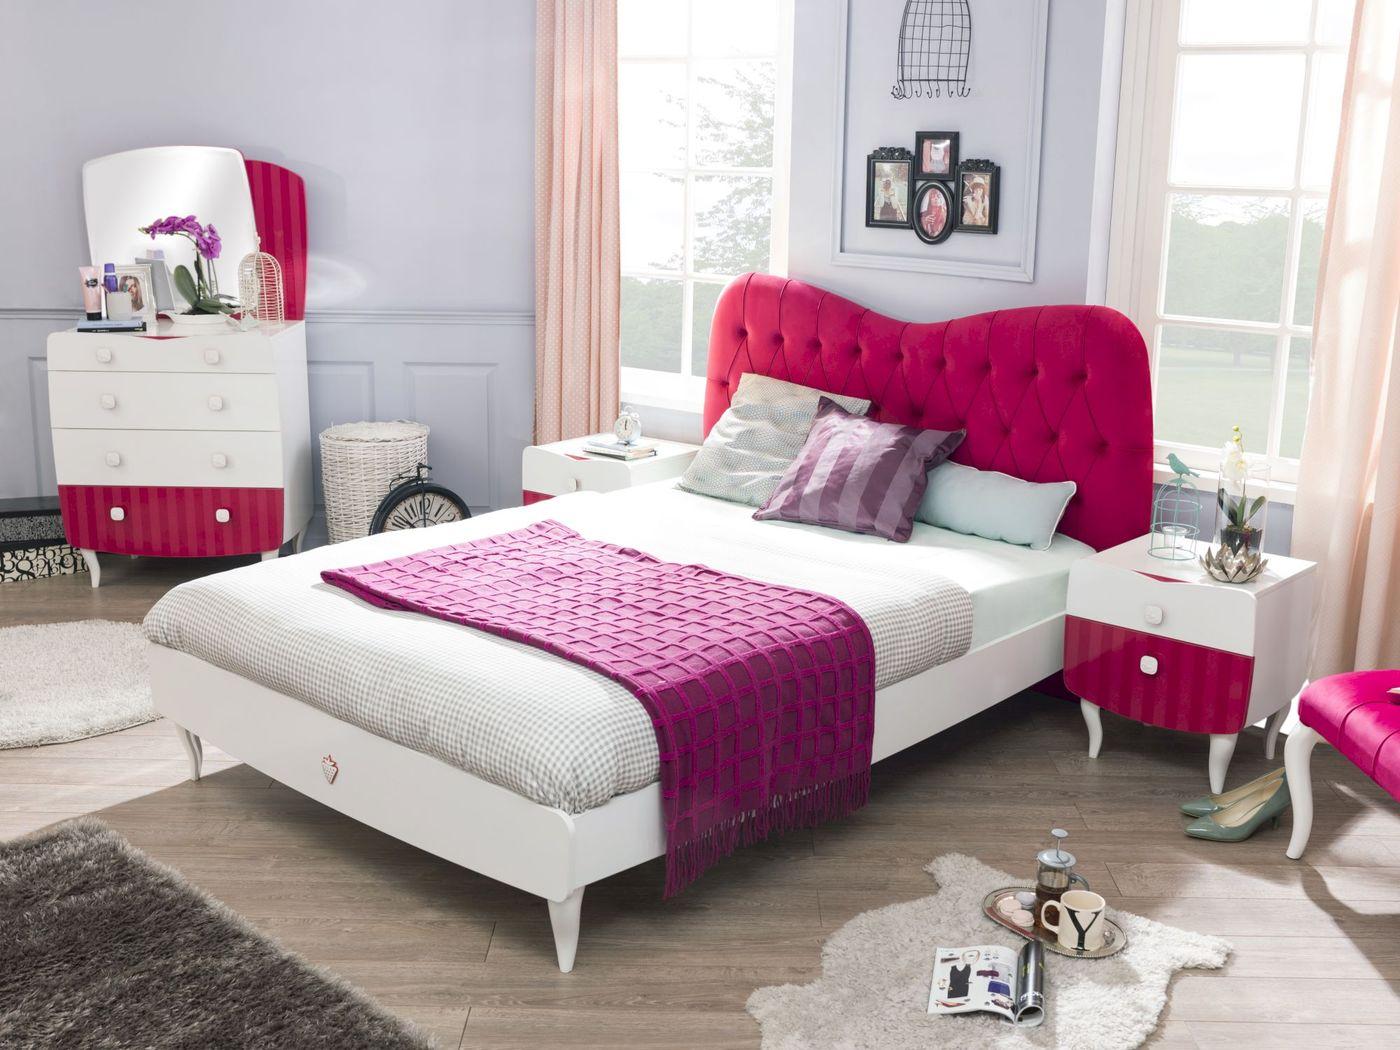 Full Size of Komfort Sl Yakut Xxl Bett 140x200 Cm Cilek Mbel Kaufen Mädchen Betten Wohnzimmer Kinderbett Mädchen